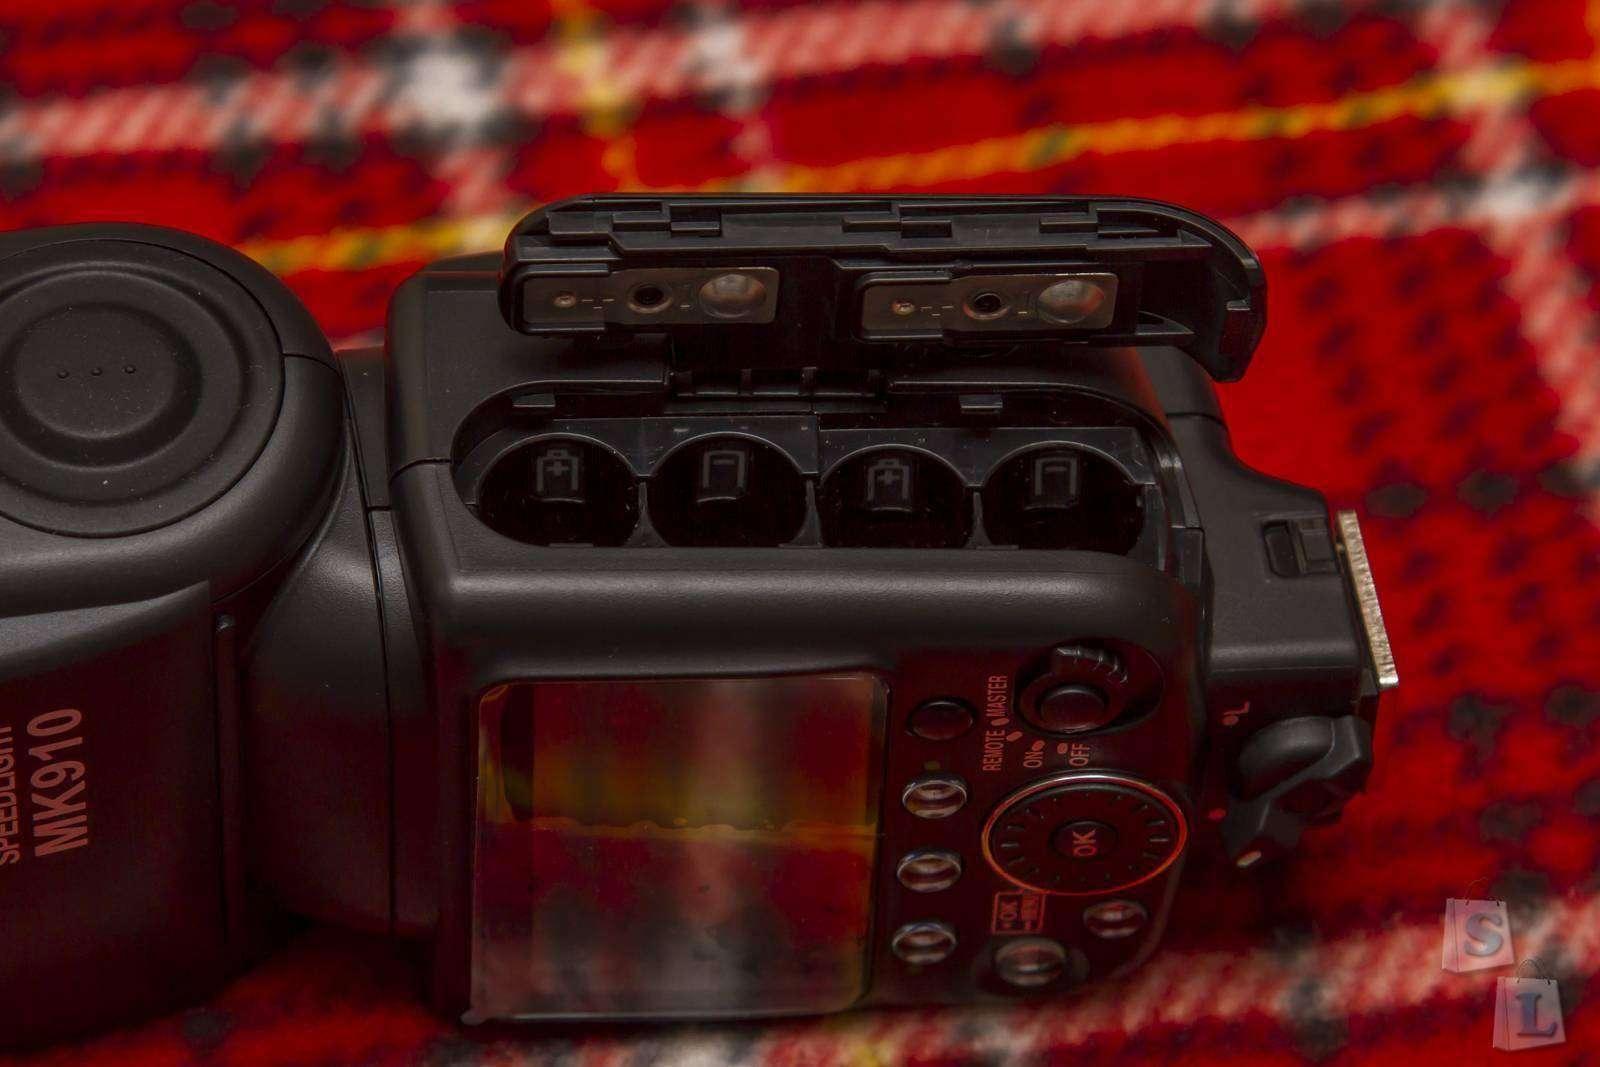 Banggood: Фотовспышка для систем Nikon Meike MK910,I-TTL, HSS 1/8000s